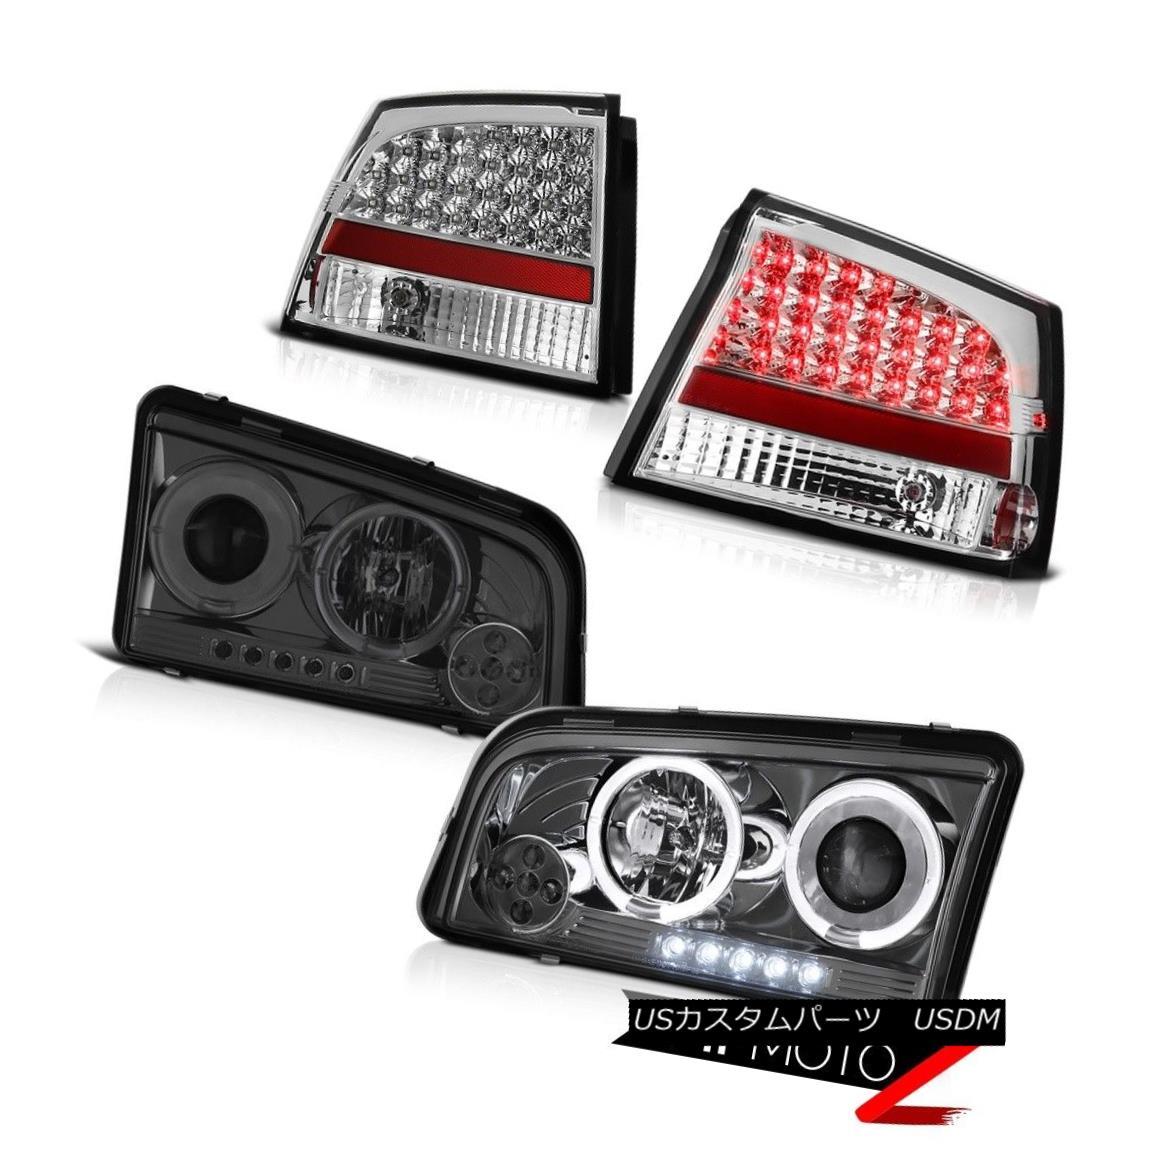 ヘッドライト 2006 2007 2008 Charger 3.5L Dark Smoke Halo LED Headlamps Brake Taillights Lamps 2006 2007 2008充電器3.5LダークスモークハローLEDヘッドランプブレーキ灯ライト